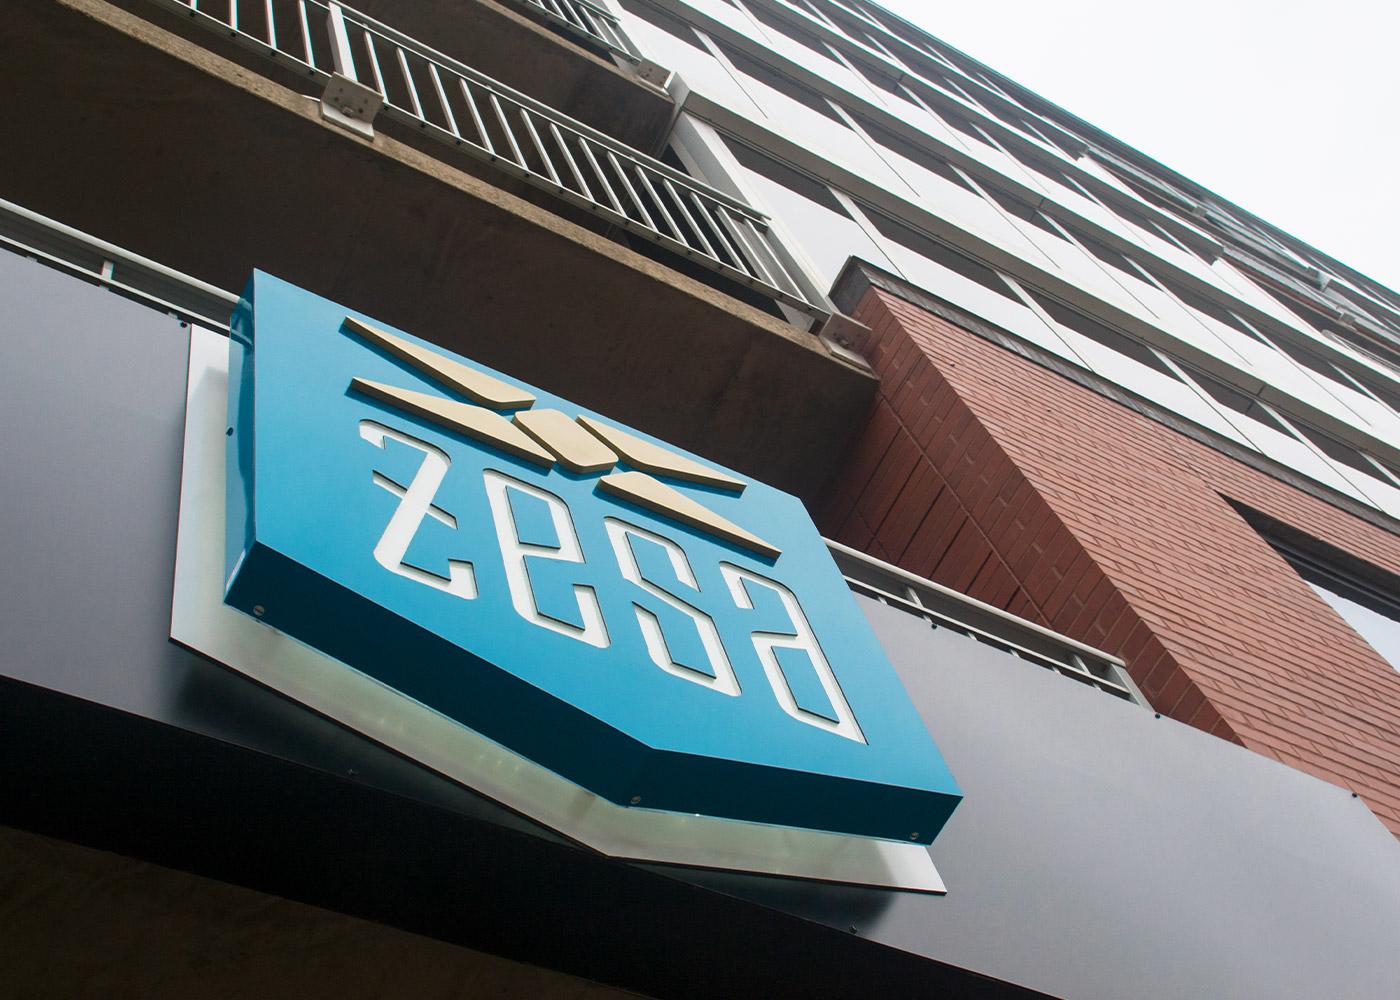 zesa dimensional backlit logo sign